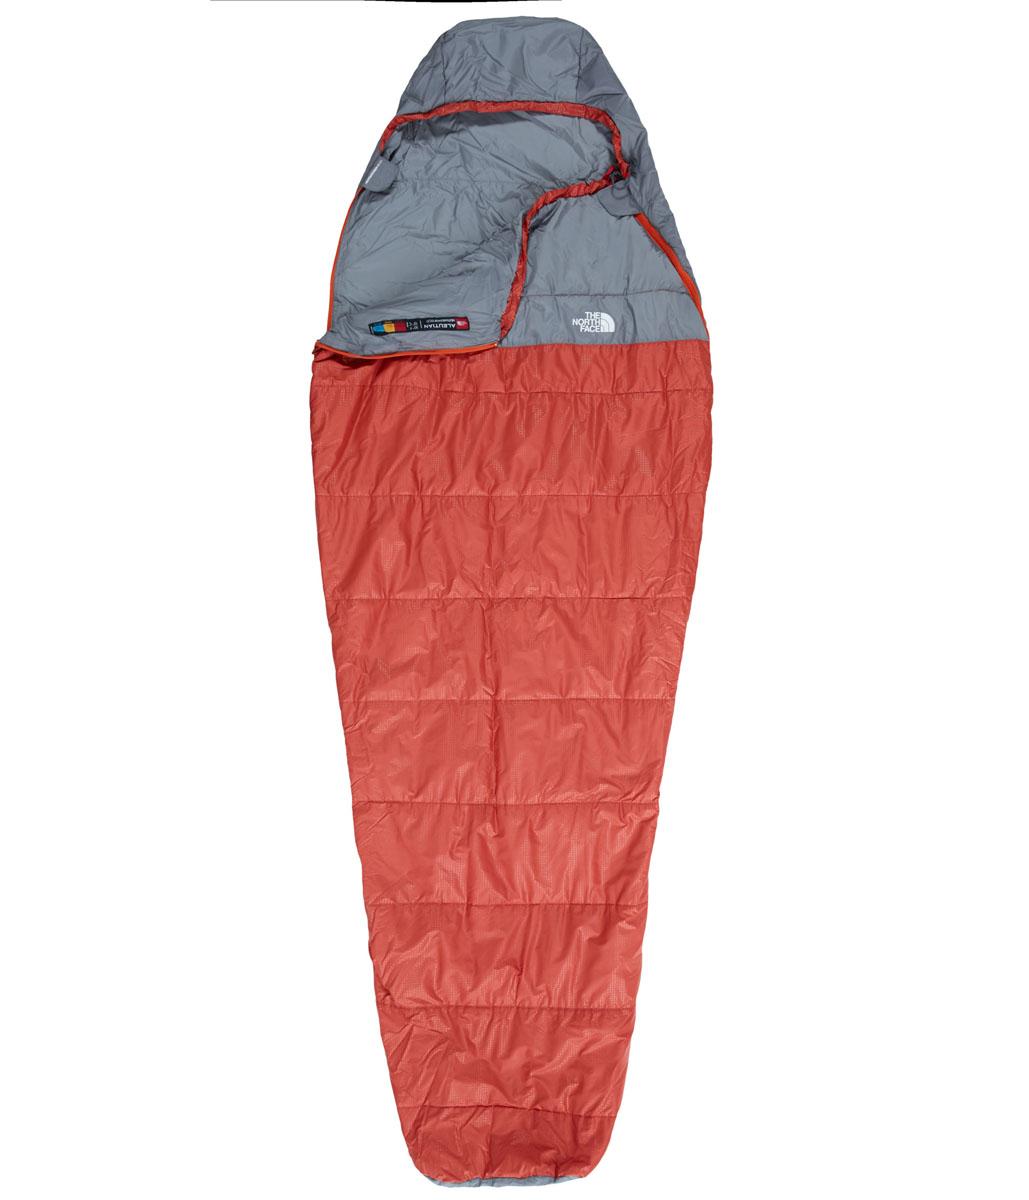 Спальный мешок The North Face Aleutian 50/10 , цвет: красный. T0A3A8M1RRH REGT0A3A8M1RRH REGCпальный мешок для прохладной погоды, который можно целиком расстегнуть и расстелить в качестве пола в палатке. Вместительный, универсальный, теплый, комфортный и при этом практичном.